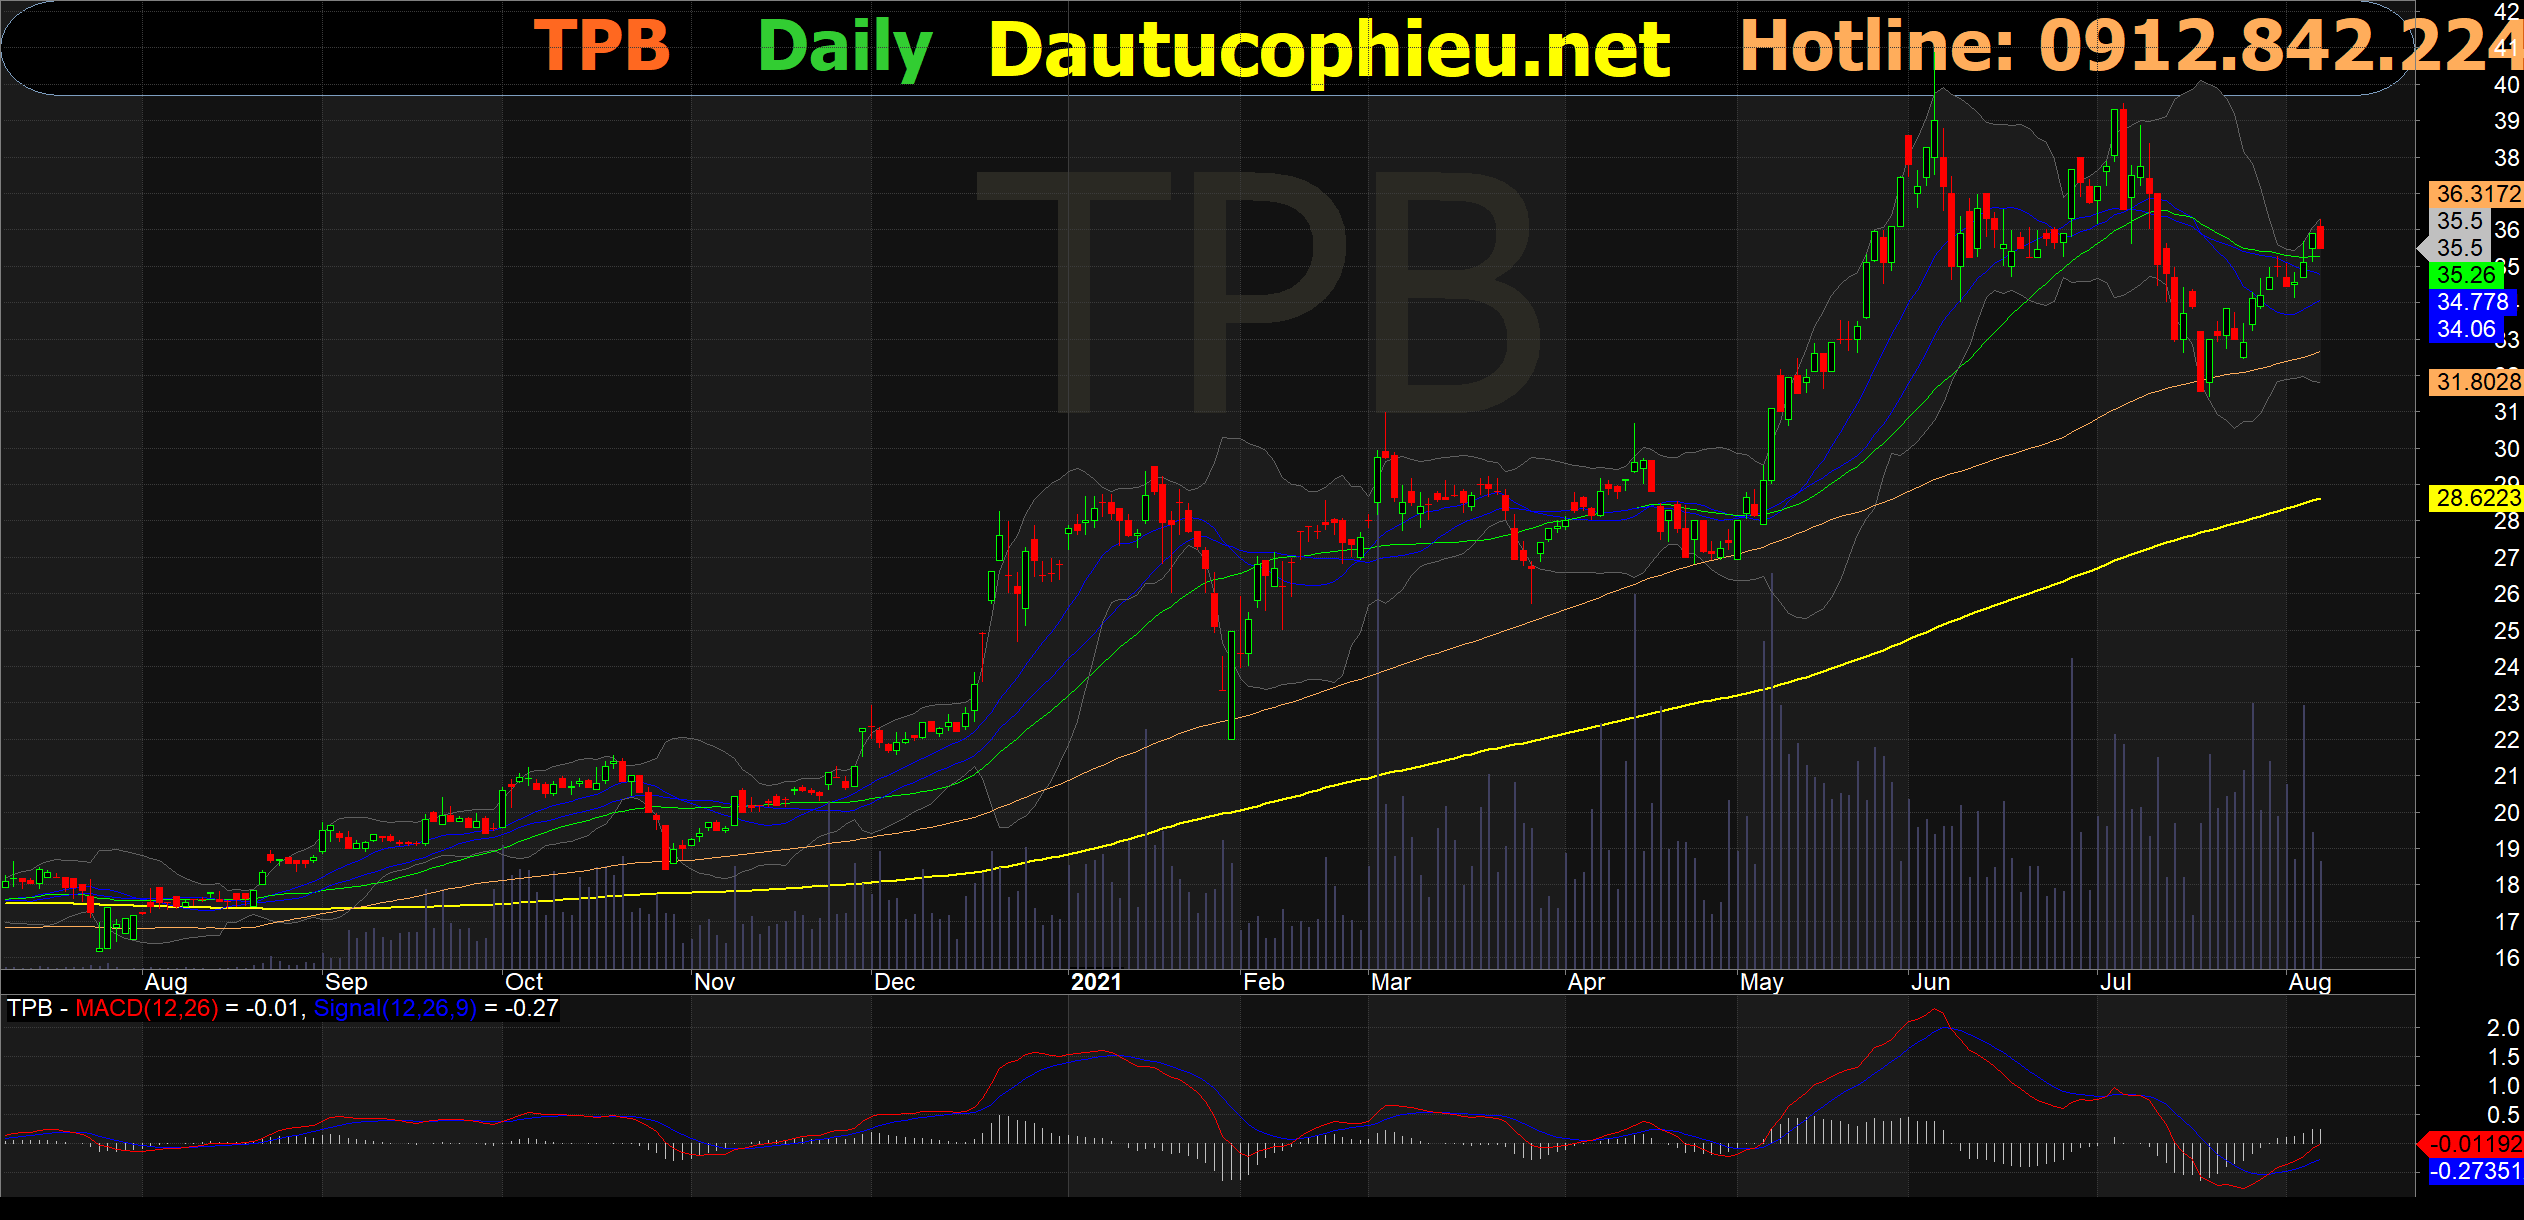 Đồ thị cổ phiếu TPB phiên giao dịch ngày 06/08/2021. Nguồn: AmiBroker